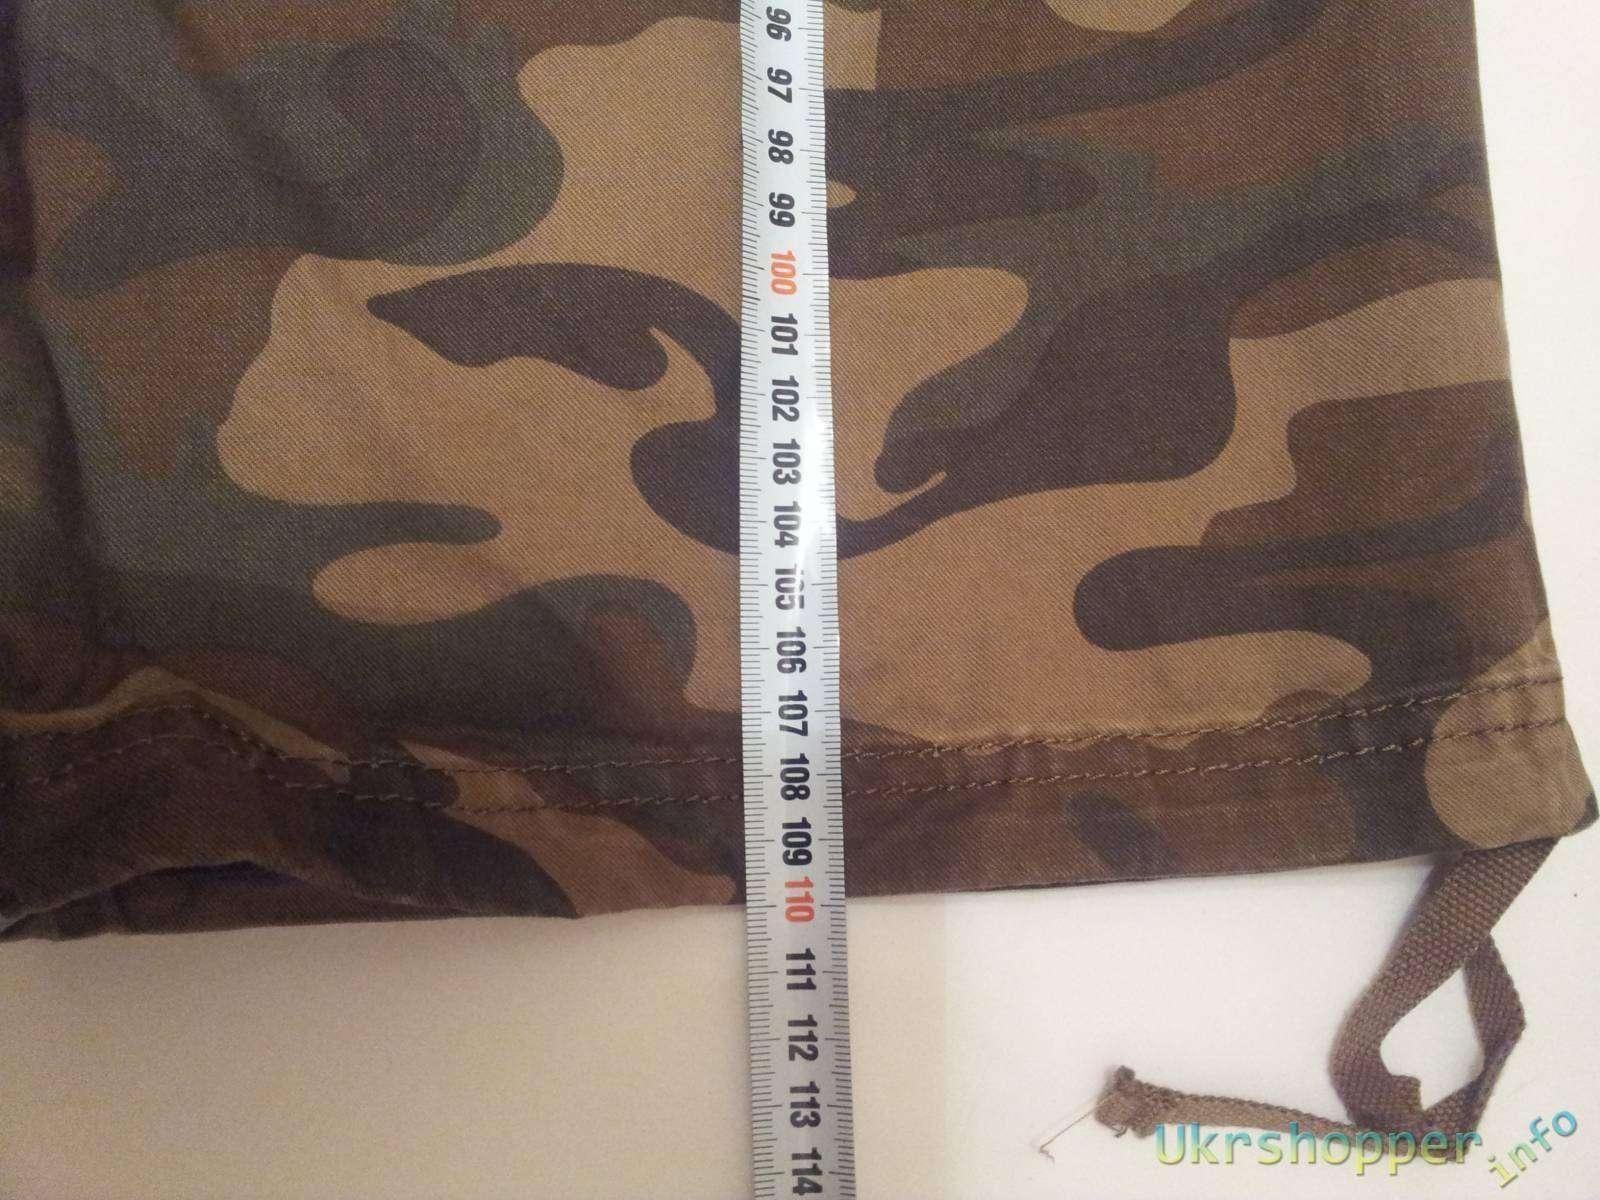 TinyDeal: Армейские камуфляжные штаны с карманами, на новый лад или готовимся к пикникам